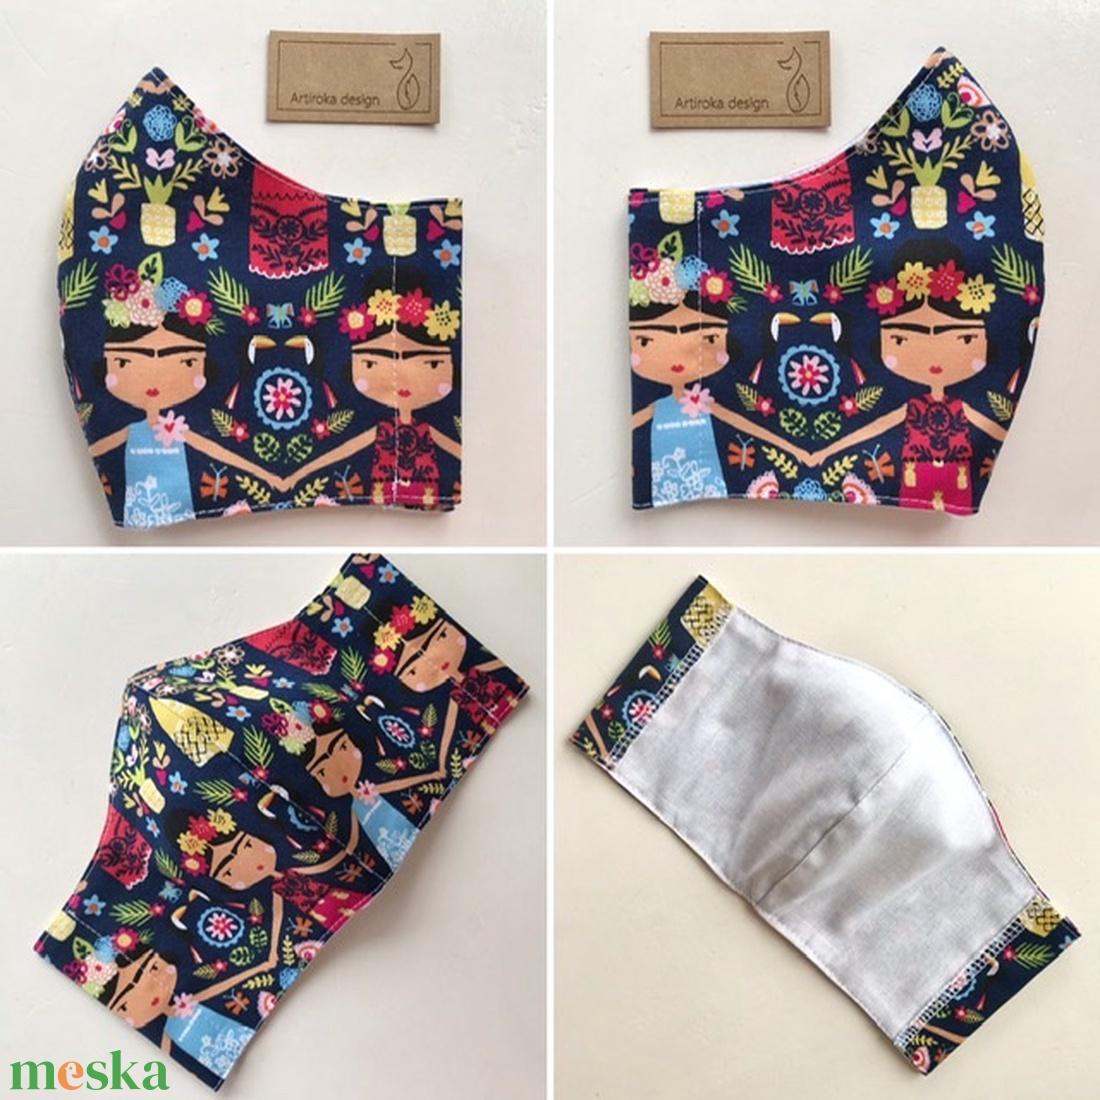 Frida -  prémium pamut textilből készült maszk, művészeteket kedvelőknek - Mesedoboz  - Artiroka design  - maszk, arcmaszk - Meska.hu